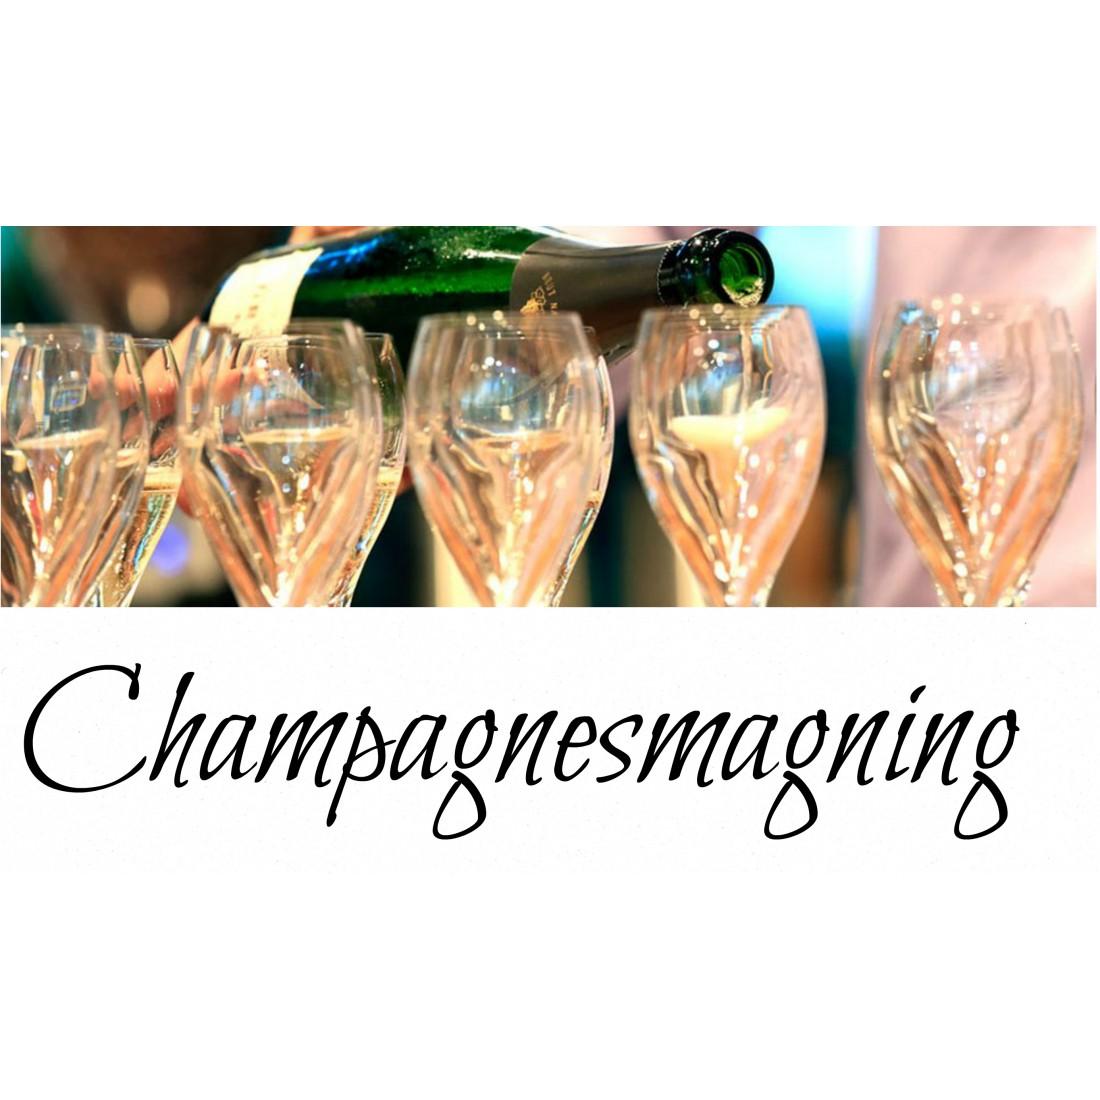 Chardonnay Champagnesmagning lørdag den 5 december kl. 19.00 I ChampagneKælderen-31